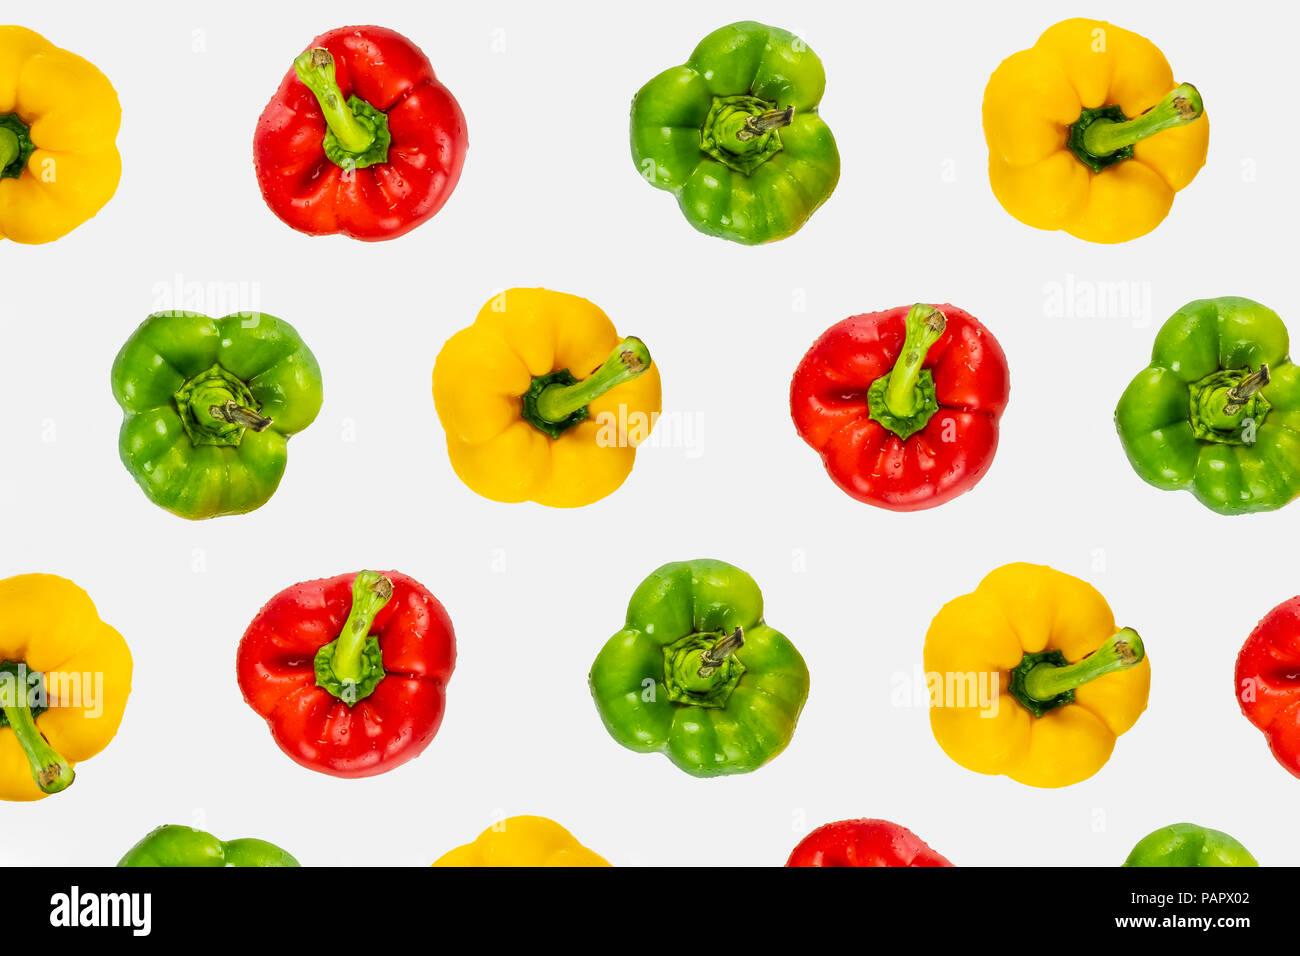 Ansicht von oben Muster von frischen hellen Paprika auf weißem Hintergrund. Von oben geschossen von mehrere bunte Paprika Gemüse Stockbild